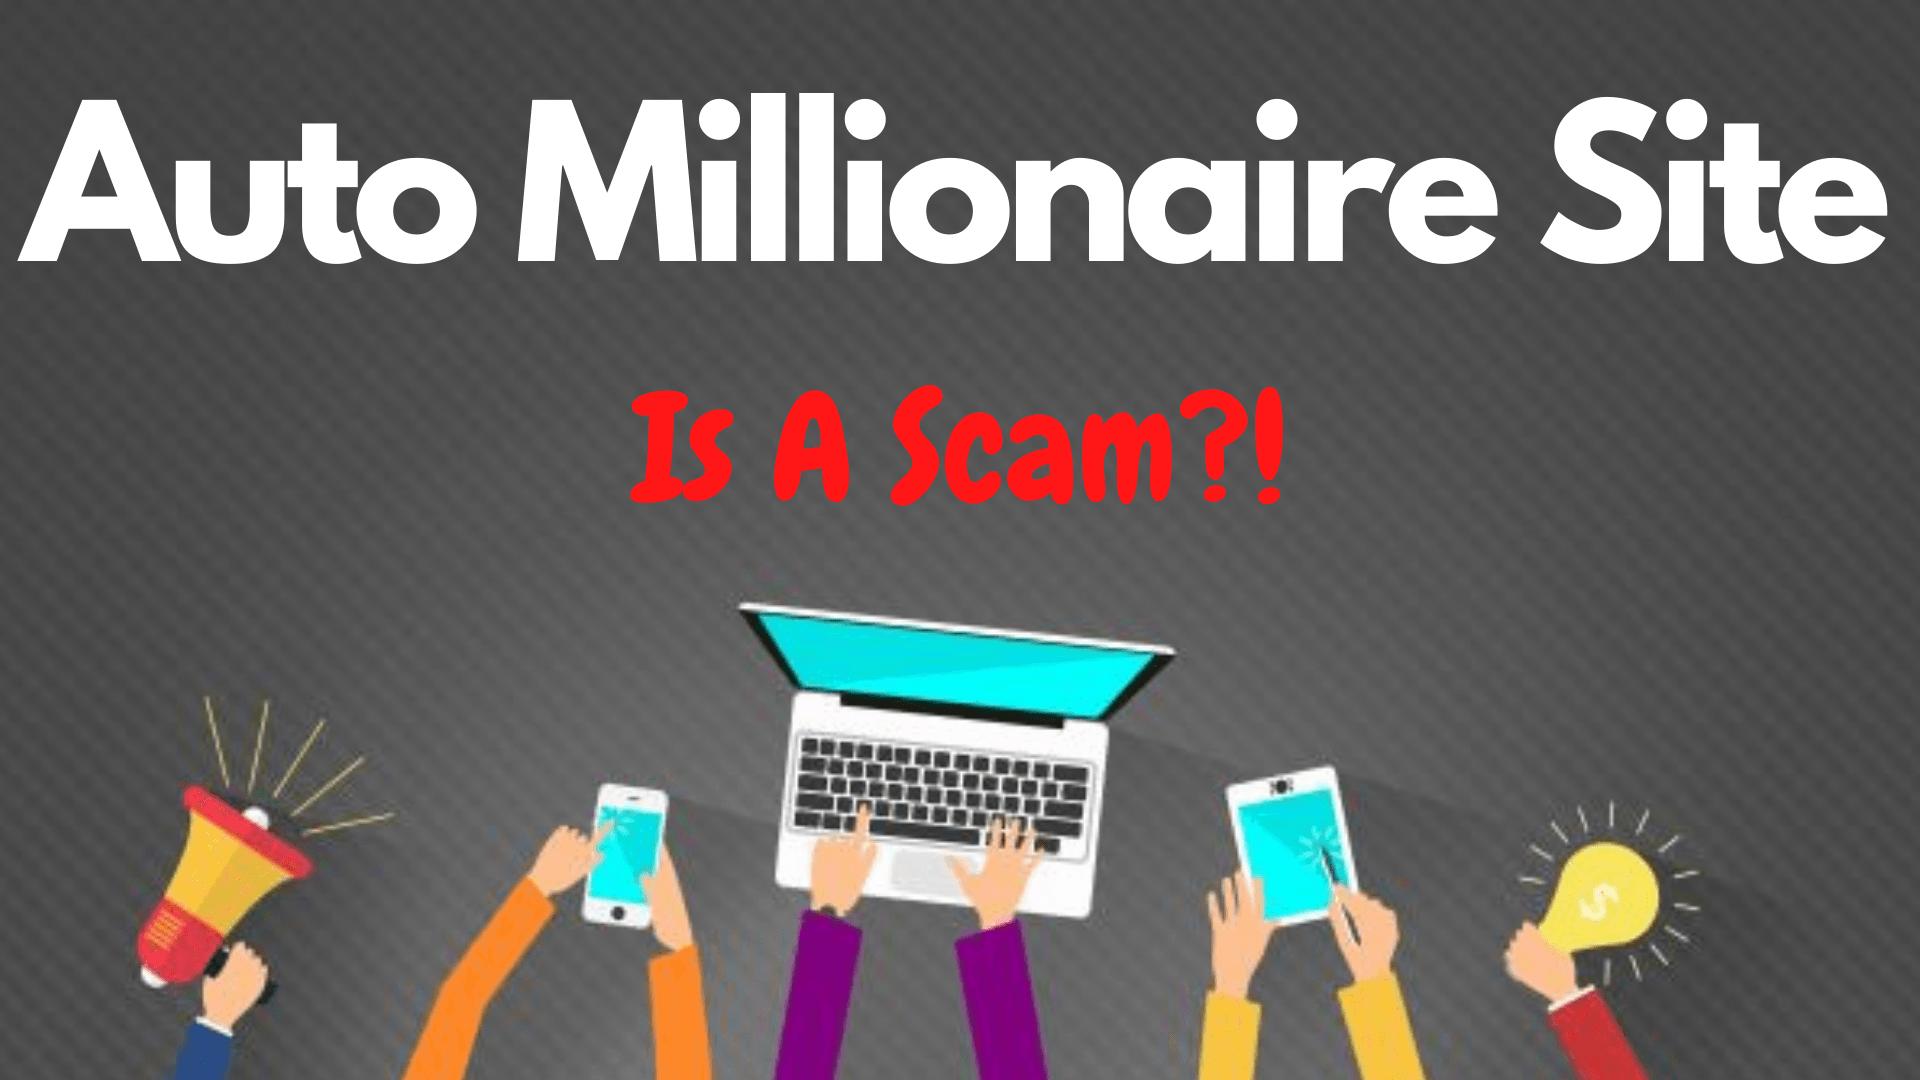 Auto Millionaire Site FrontPage